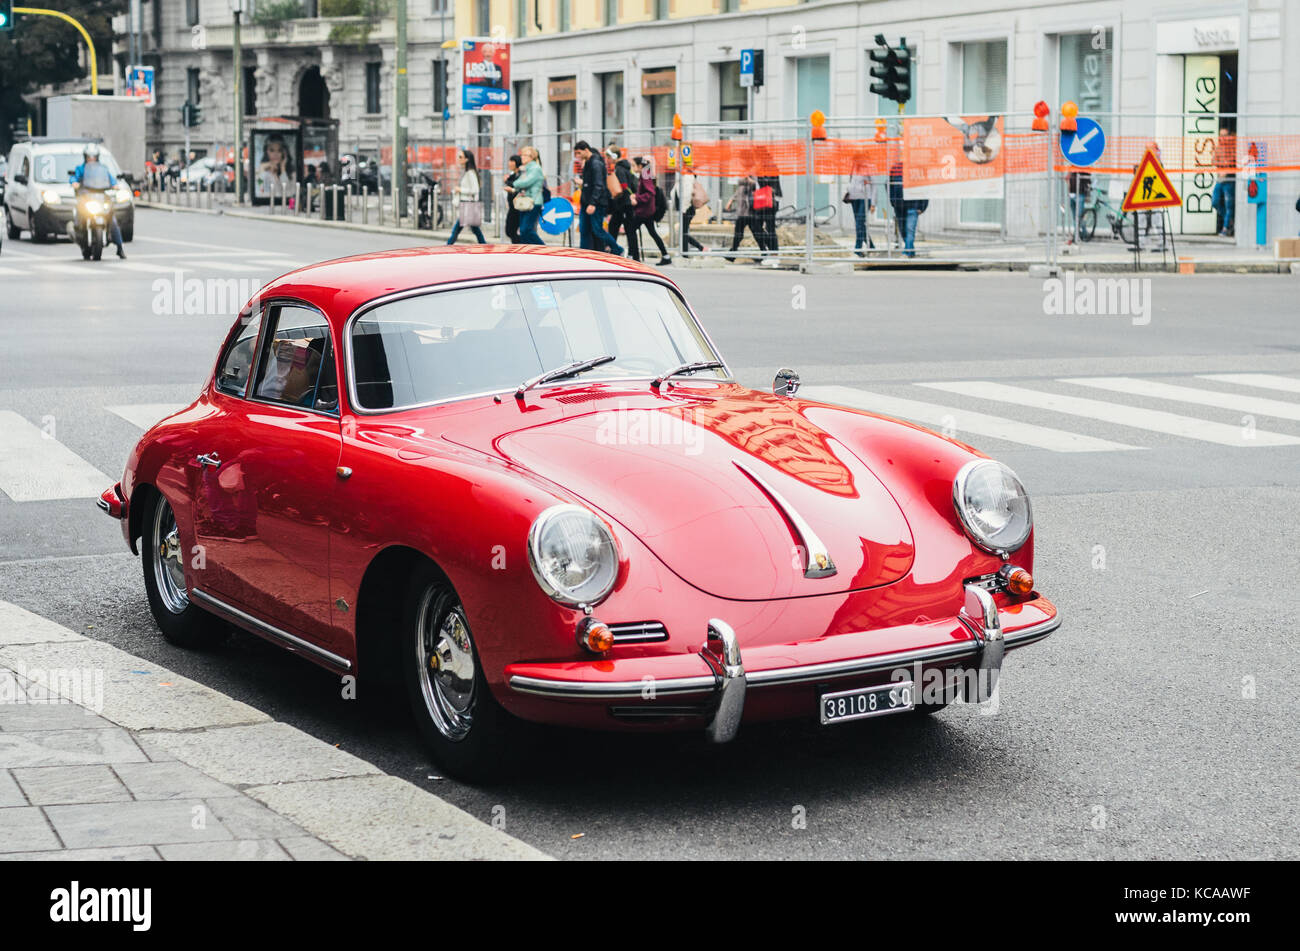 Red porsche 911 vintage Stock Photo